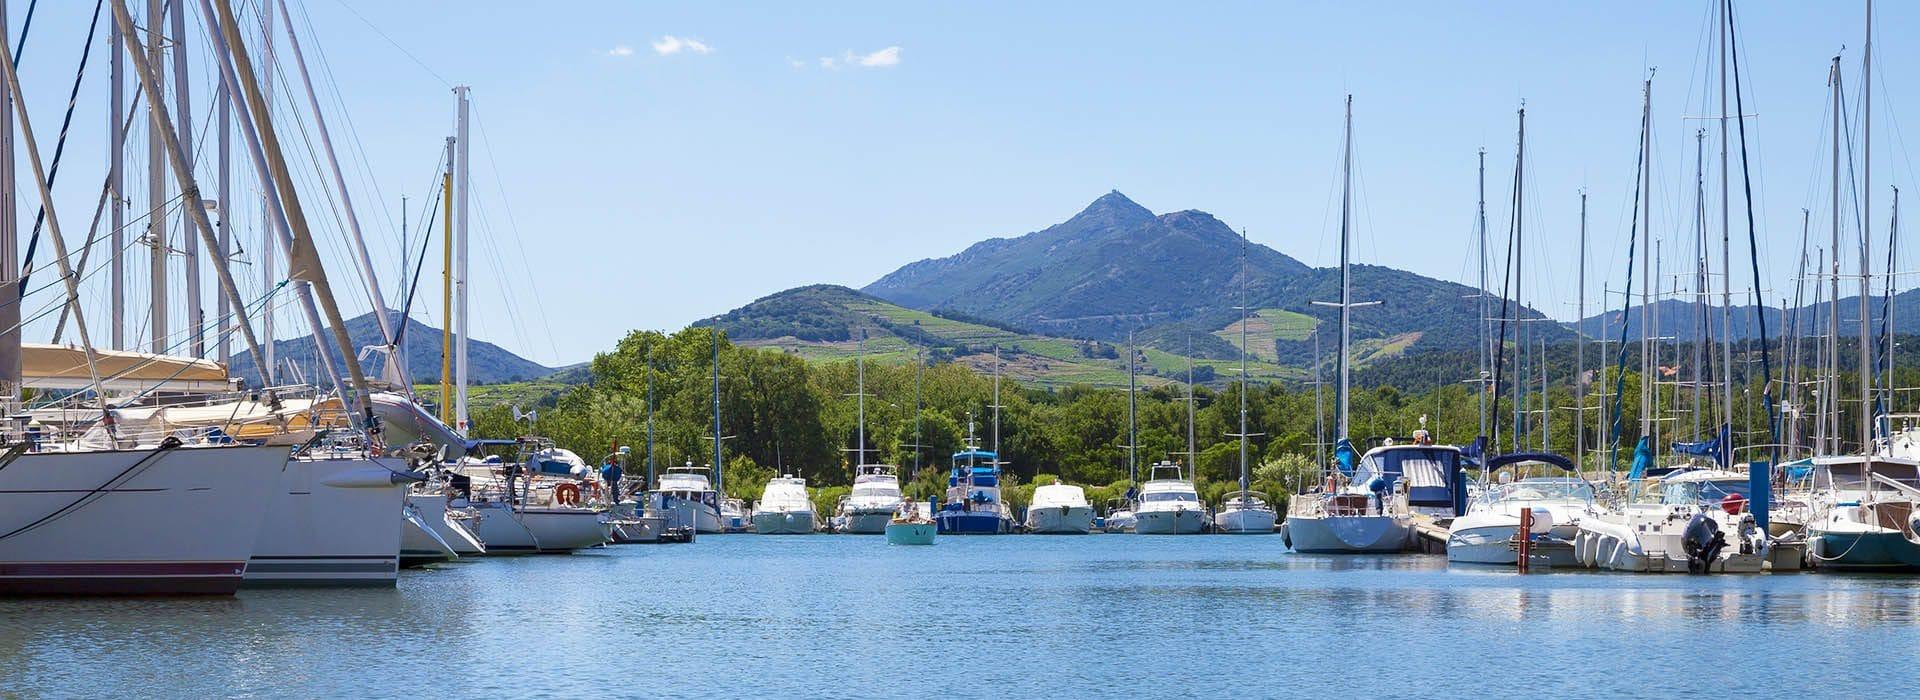 argeles port